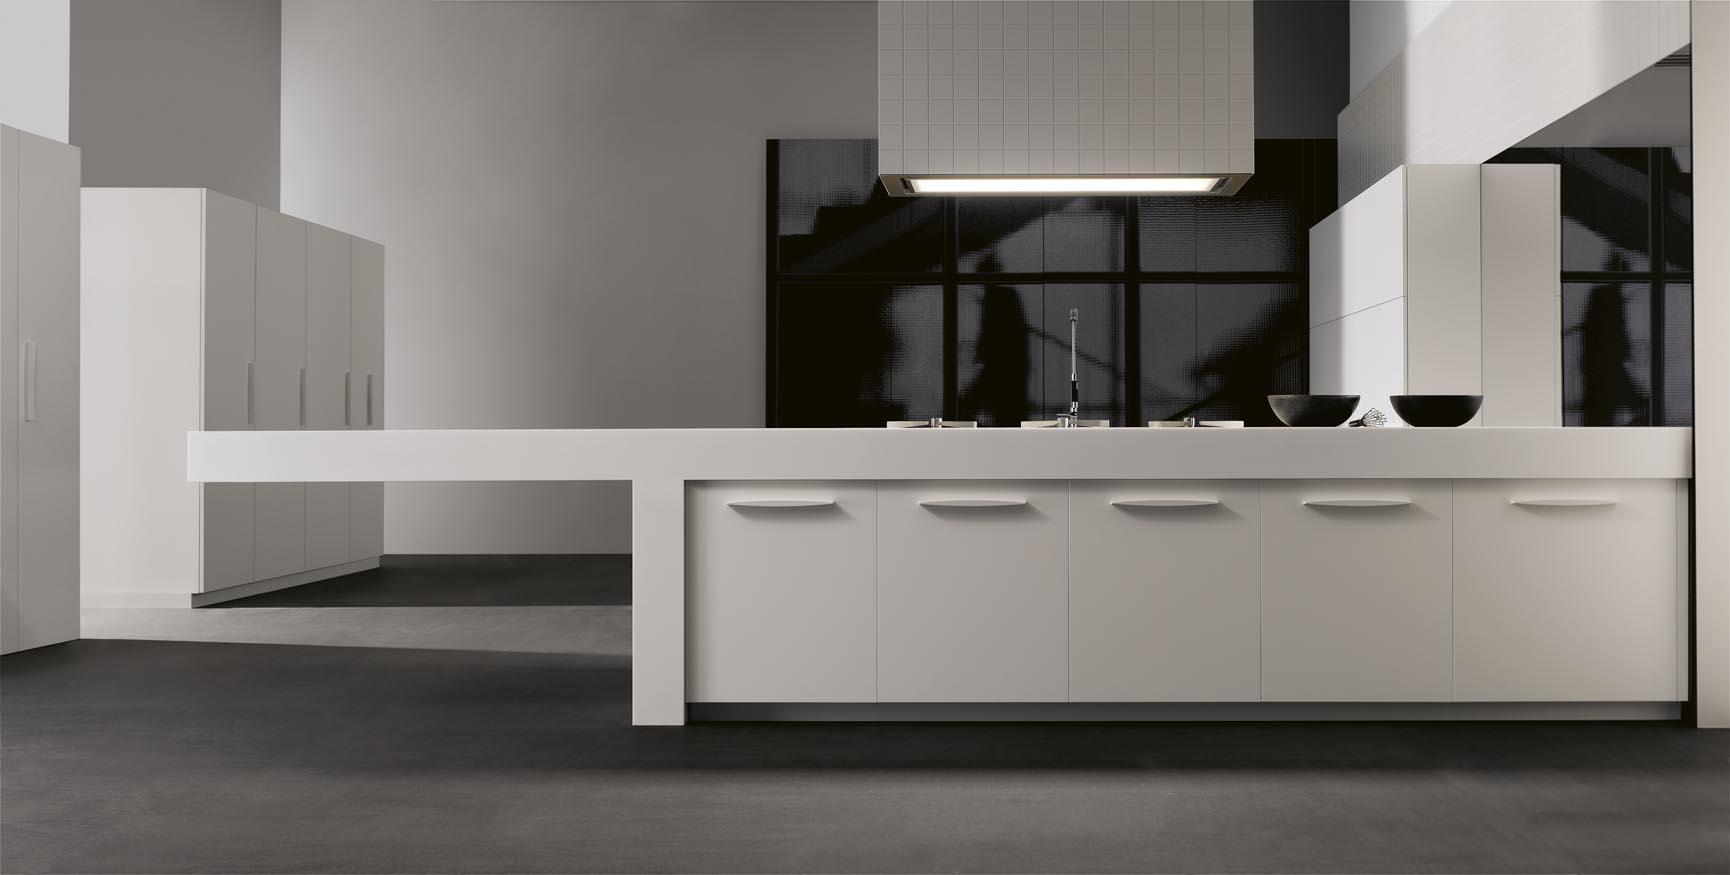 Cocinas sencillas modelo settina gunni trentino - Gunni trentino cocinas ...